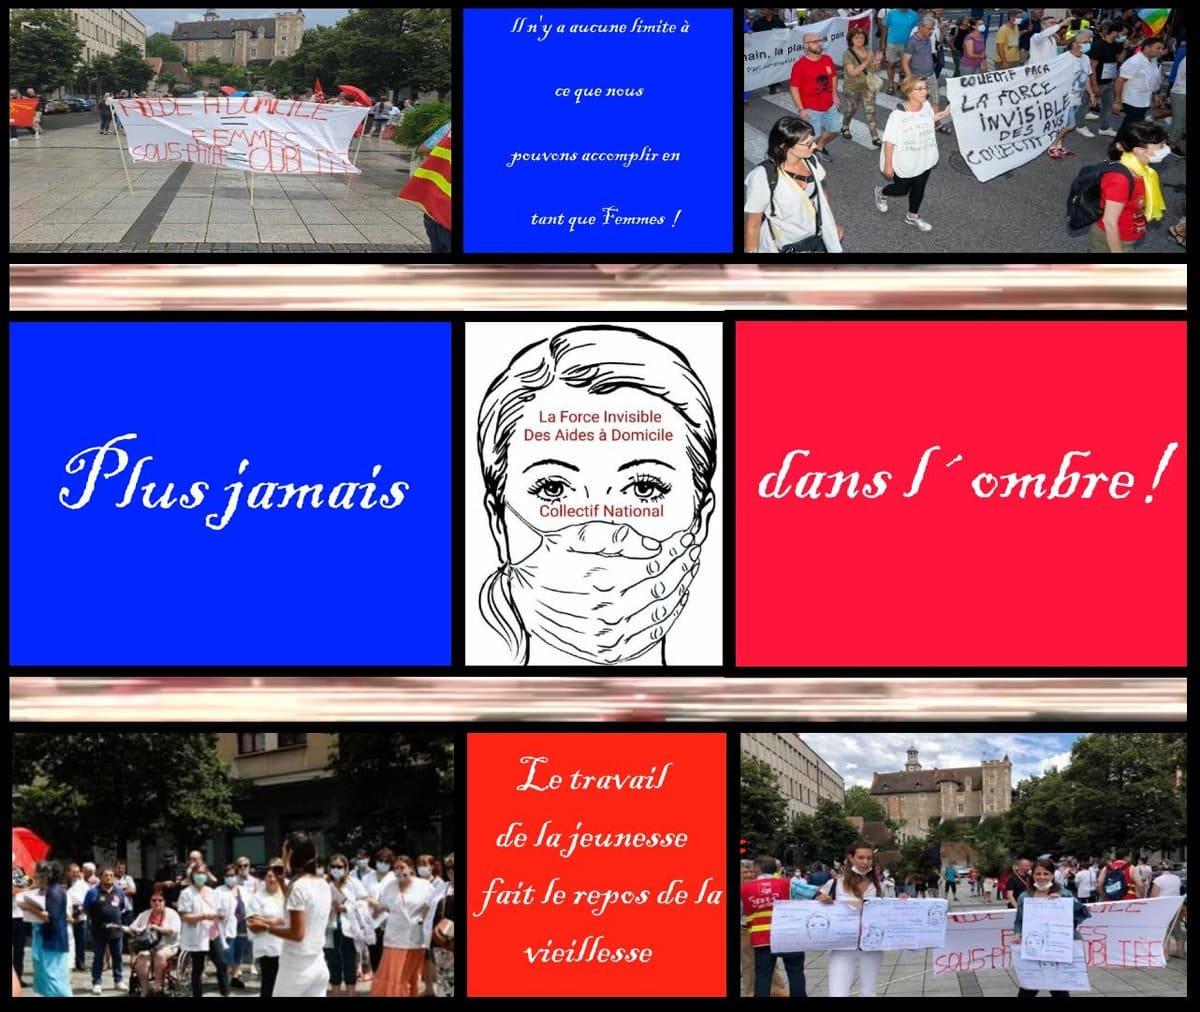 После предыдущей манифестации в Клермон-Ферране 15 июля на самом пике эпидемии коронавируса, на которую пришли соцработники и сиделки из 15 департаментов страны, группа активистов со всей Франции призвала к всеобщей мобилизации в субботу 12 сентября в 14 часов перед Домом Радио в Париже. Сильно измотанные за время эпидемии коронавируса, соцработники возмущены нежеланием государства признать их заслуги и улучшить статус профессии. Интервью с членом учредительного комитета национального объединения соцработников Сесилией Аман.